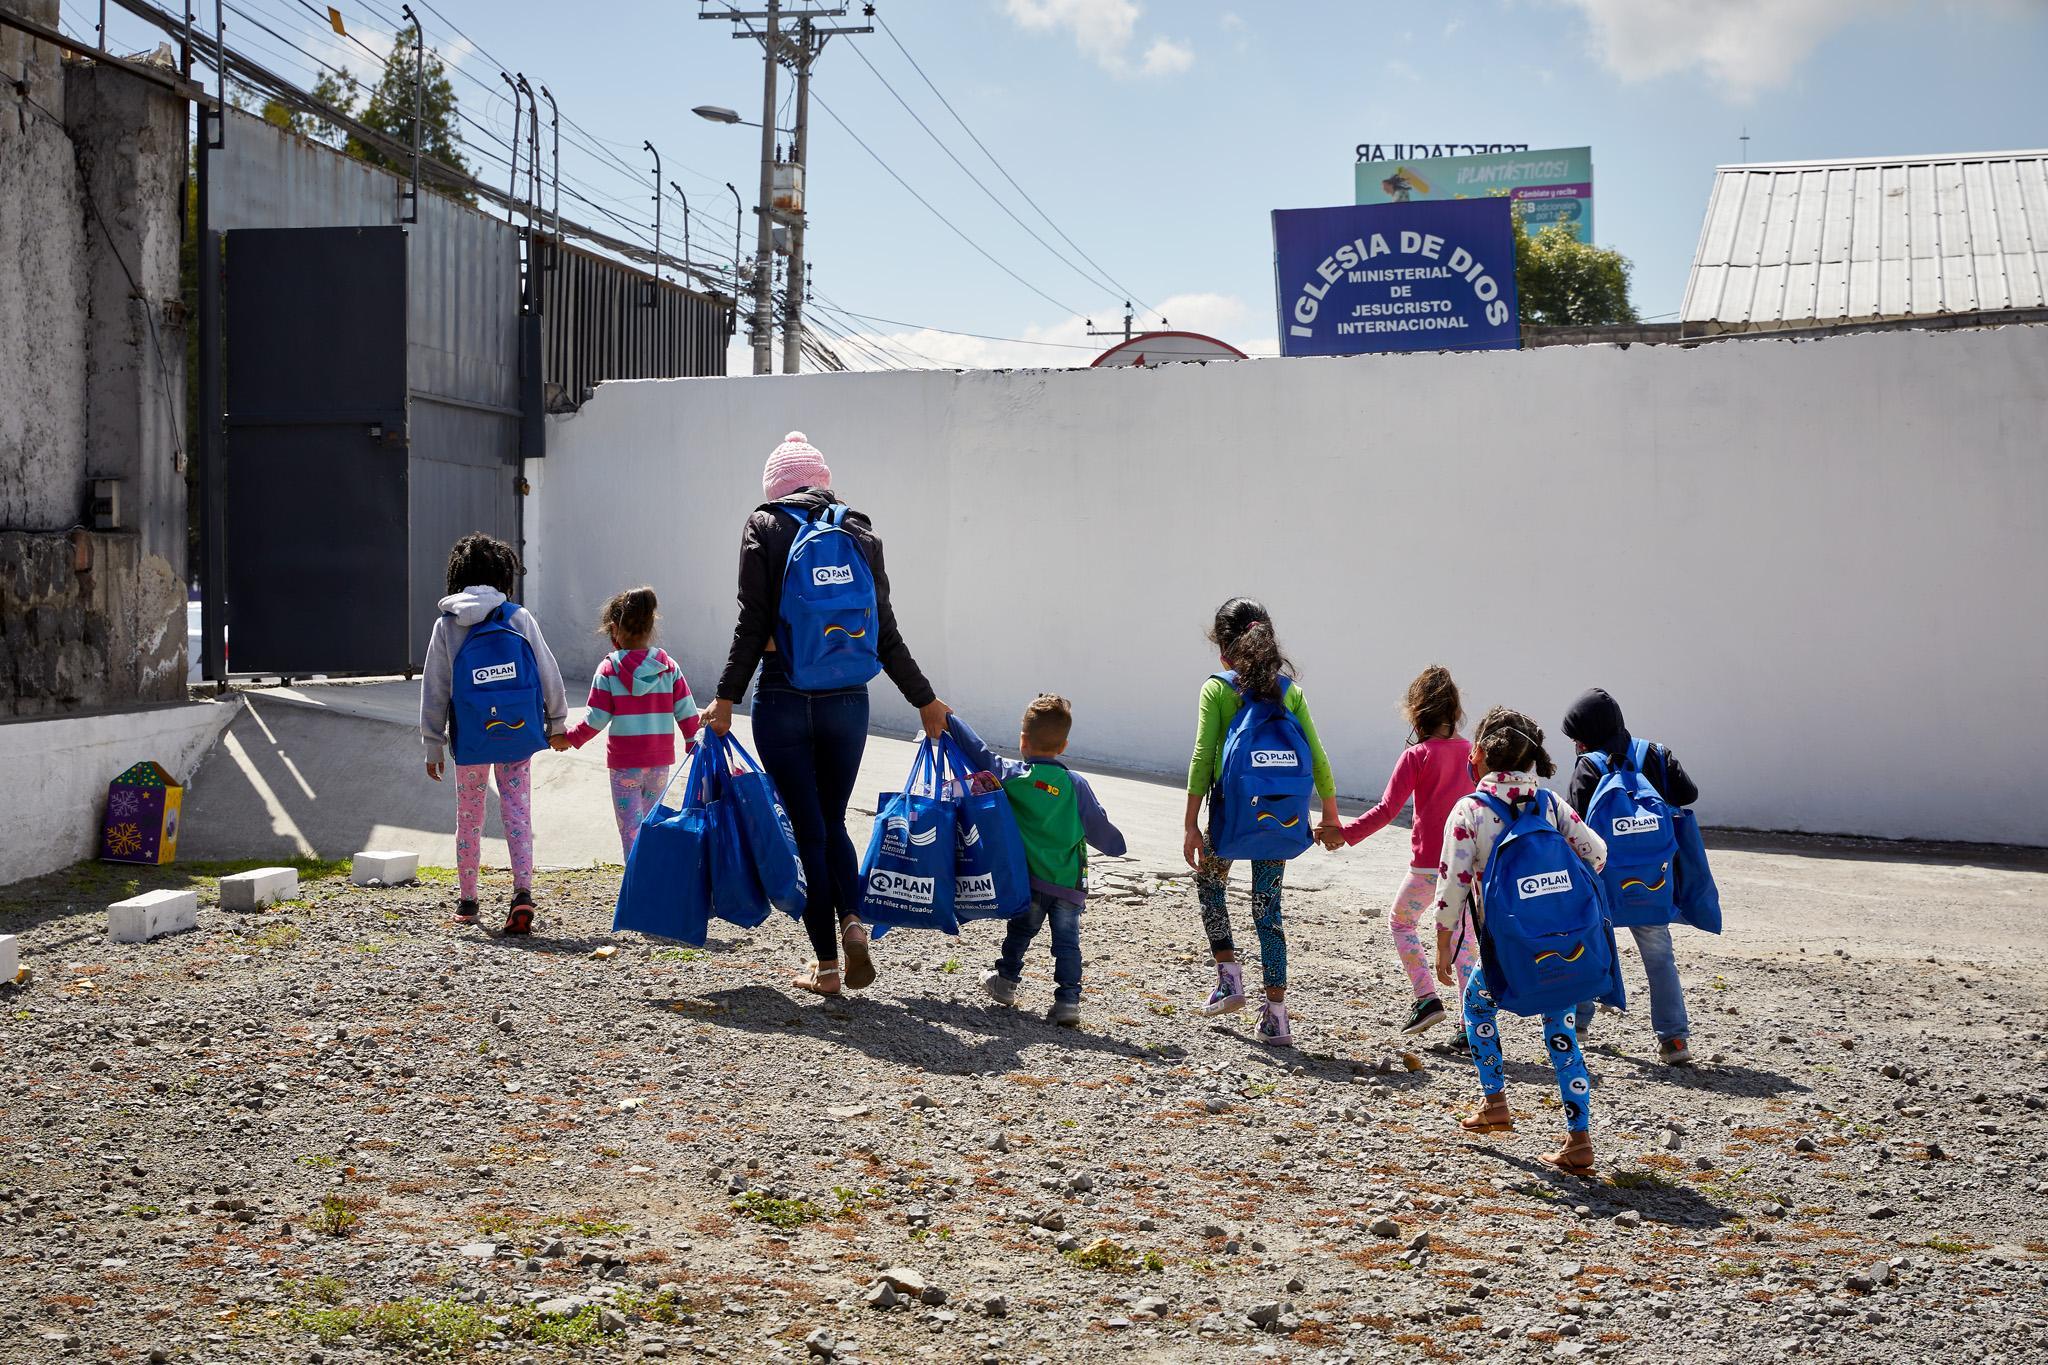 ESP: Una mujer migrante y varios niños se despiden de la jornada de donación de kits de juguetes. Quito, Ecuador. Diciembre 2020.  ENG: A migrant woman and several children say goodbye to the toy kit donation day. Quito, Ecuador. December 2020.